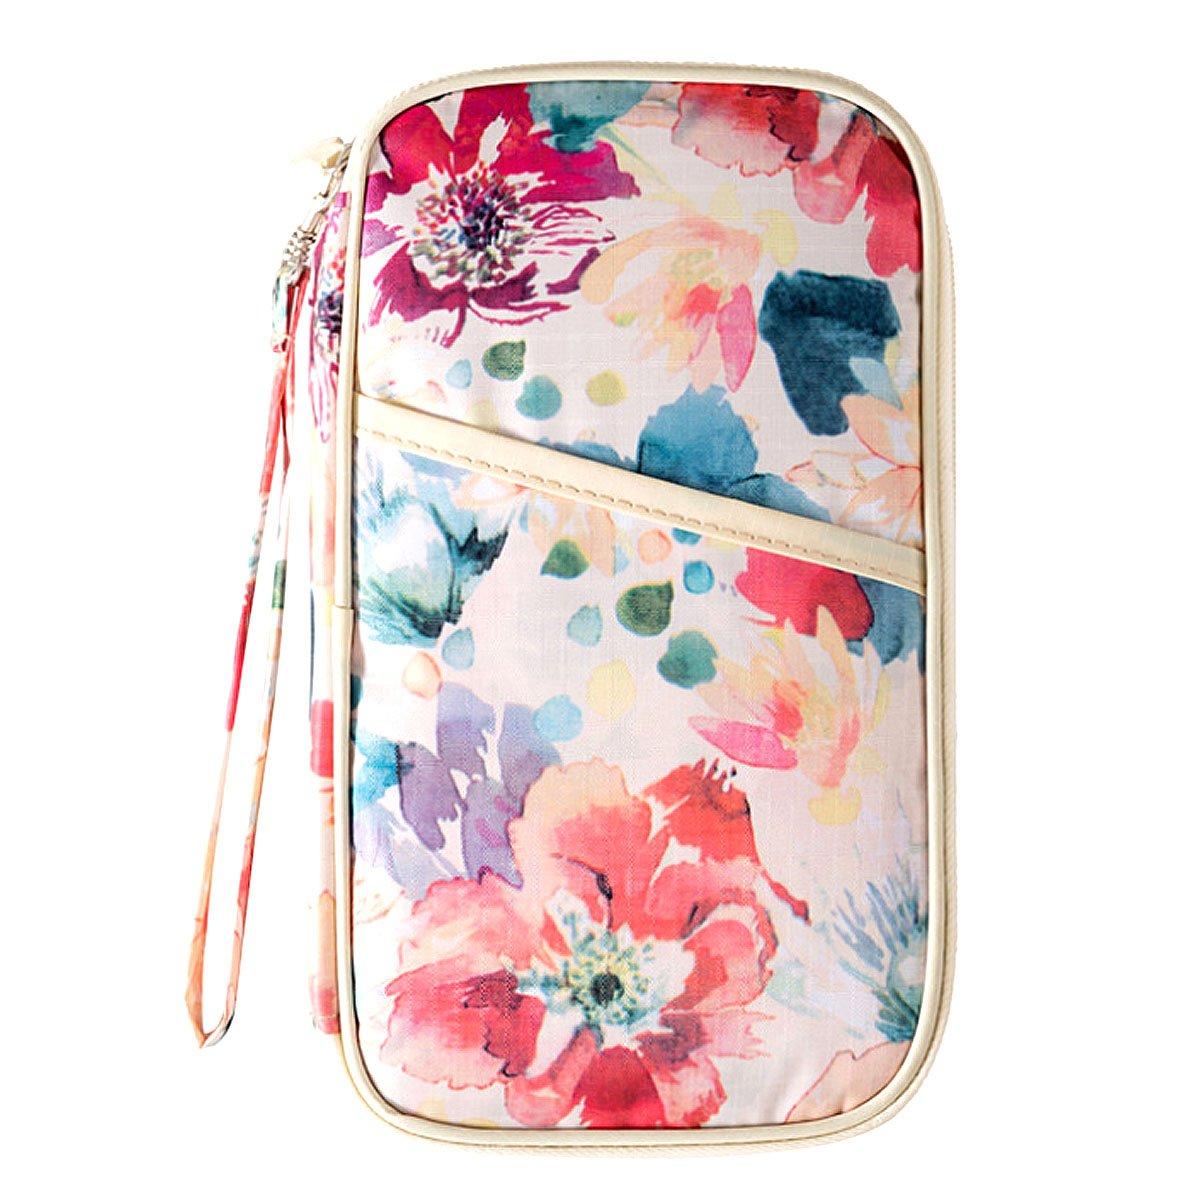 Sun Kea Women Long Clutch Purse Zipper Card Holder Cell Phone Wallet Travel Purse with Hand Strap